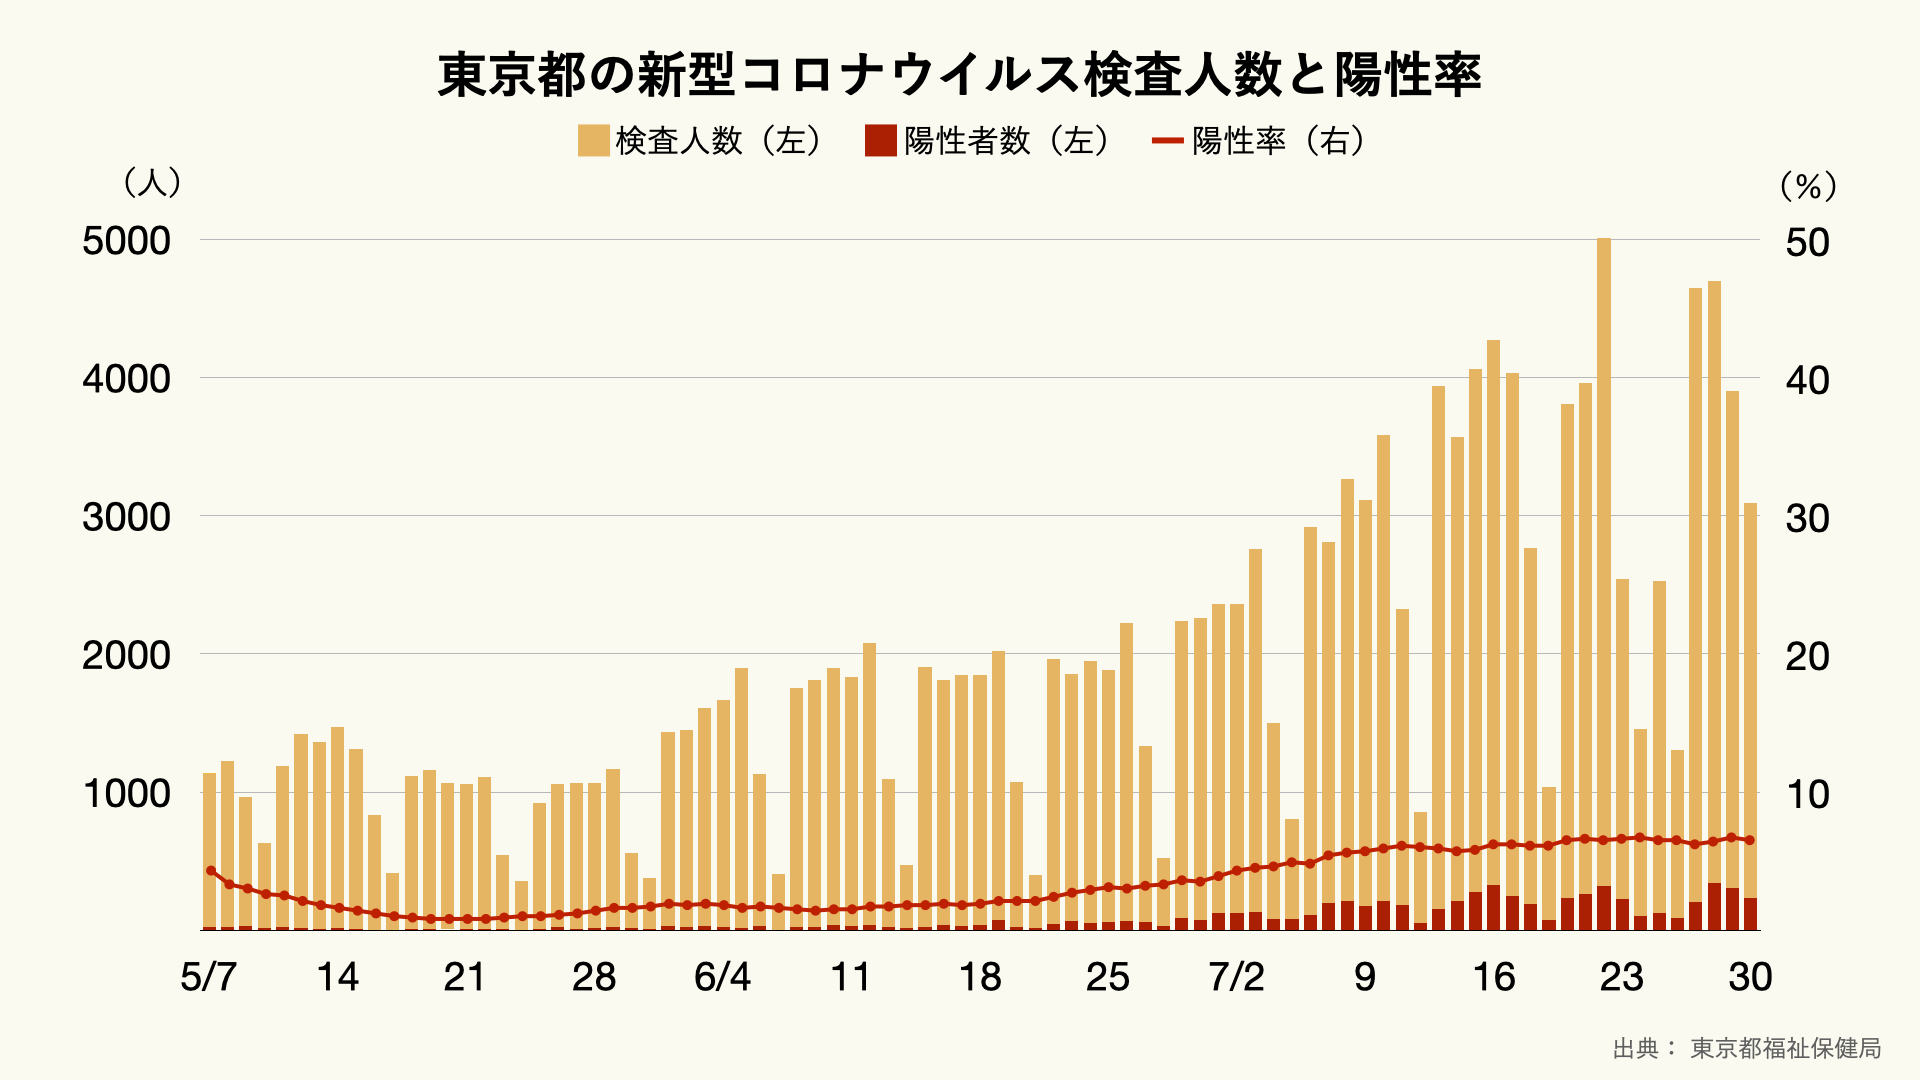 東京都の1日あたりの新型コロナウイルス検査人数と陽性率の推移